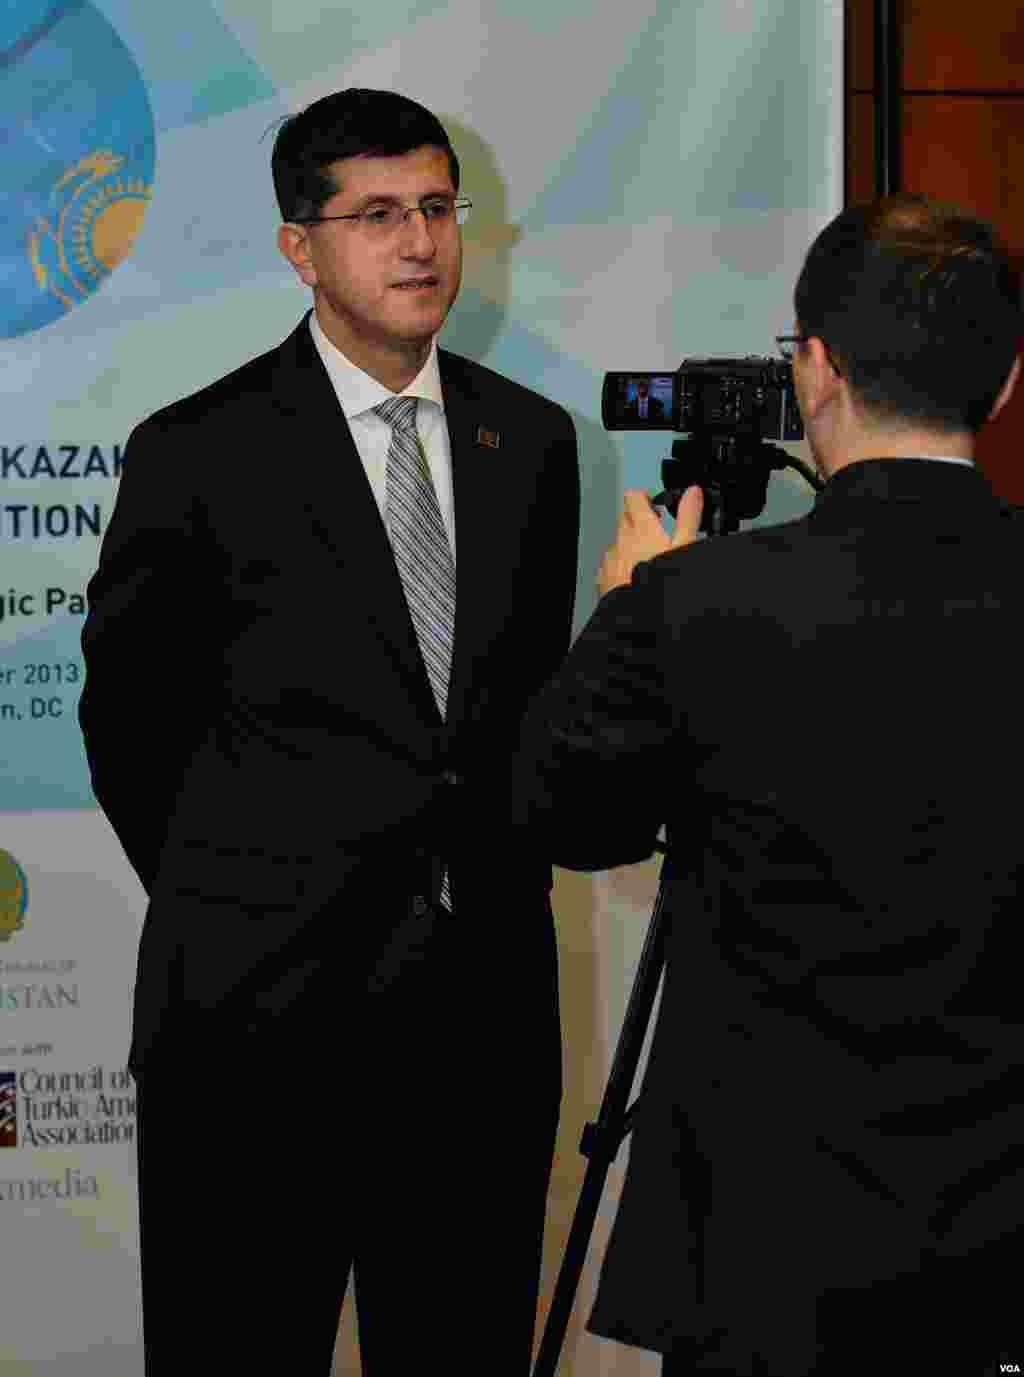 Faruk Taban, Turk-Amerika alyansi prezidenti, AQSh-Qozog'iston konvensiyasi homiylaridan biri, Vashington, 11-dekabr, 2013-yil